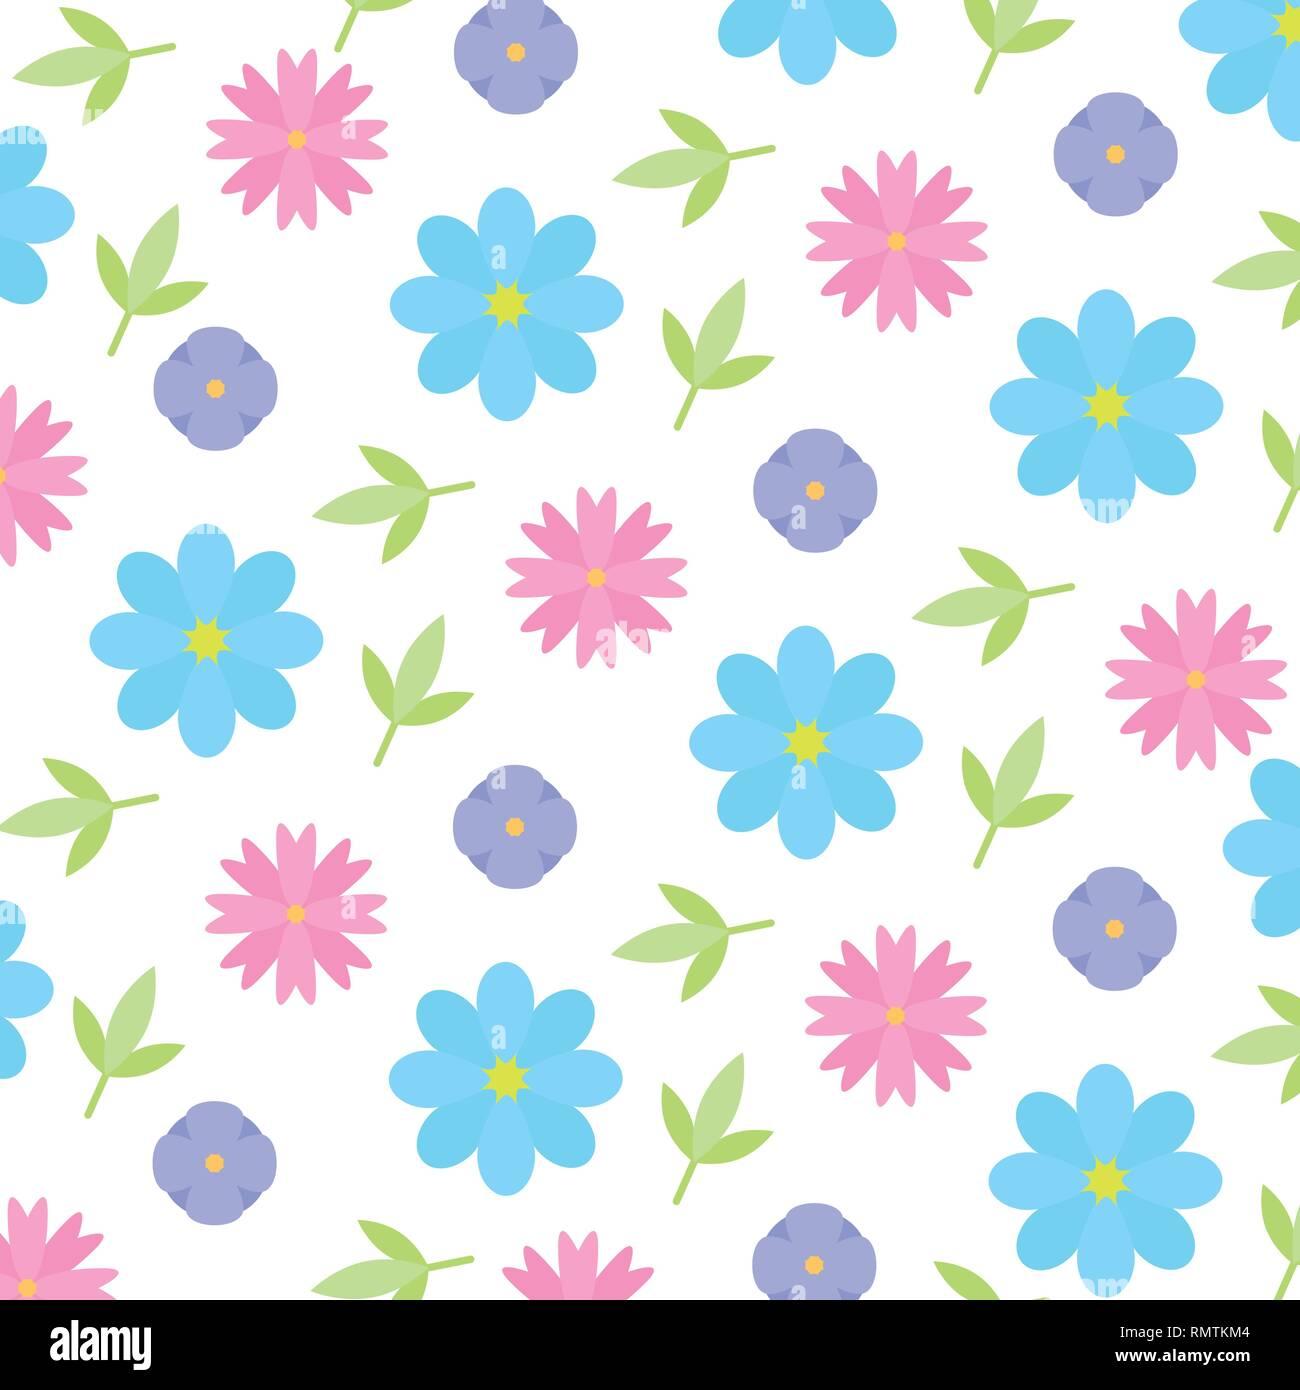 Download 8700 Koleksi Background Cute HD Terbaru